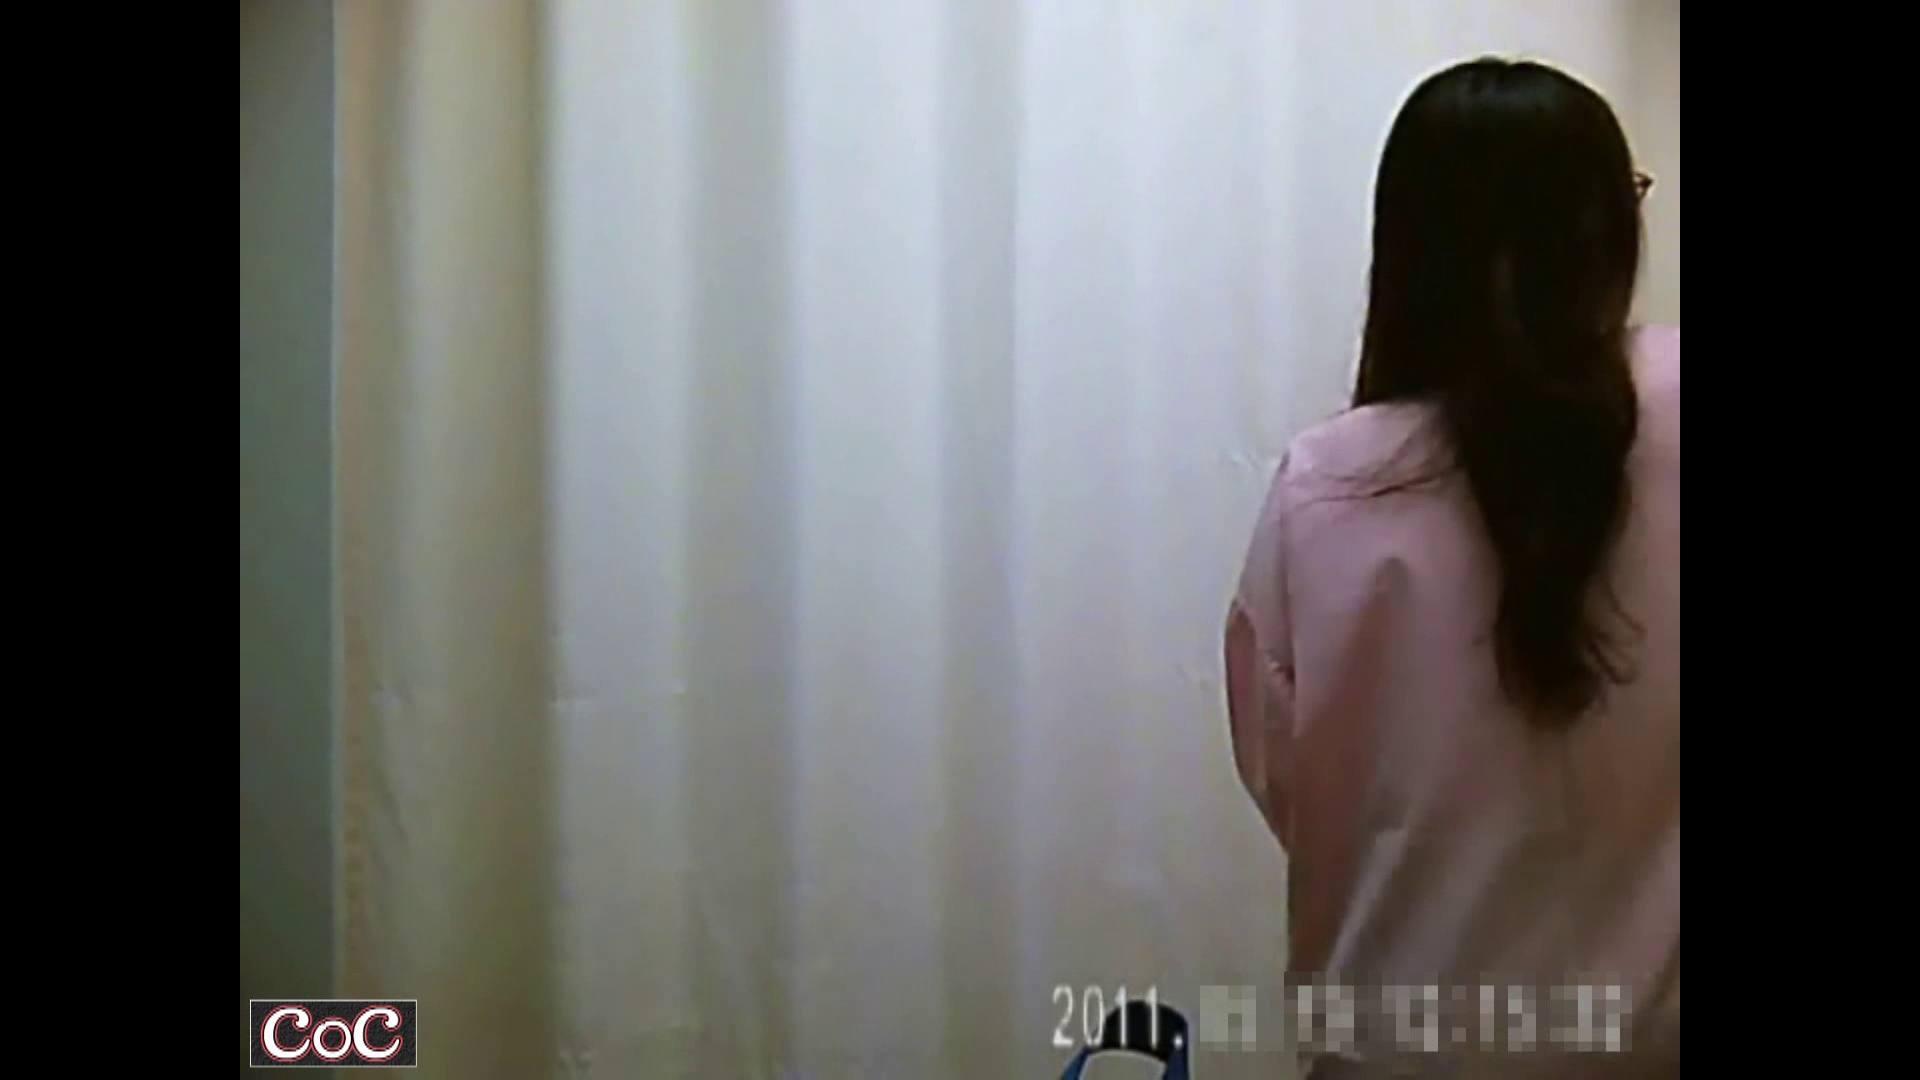 元医者による反抗 更衣室地獄絵巻 vol.160 OL | 0  102連発 13